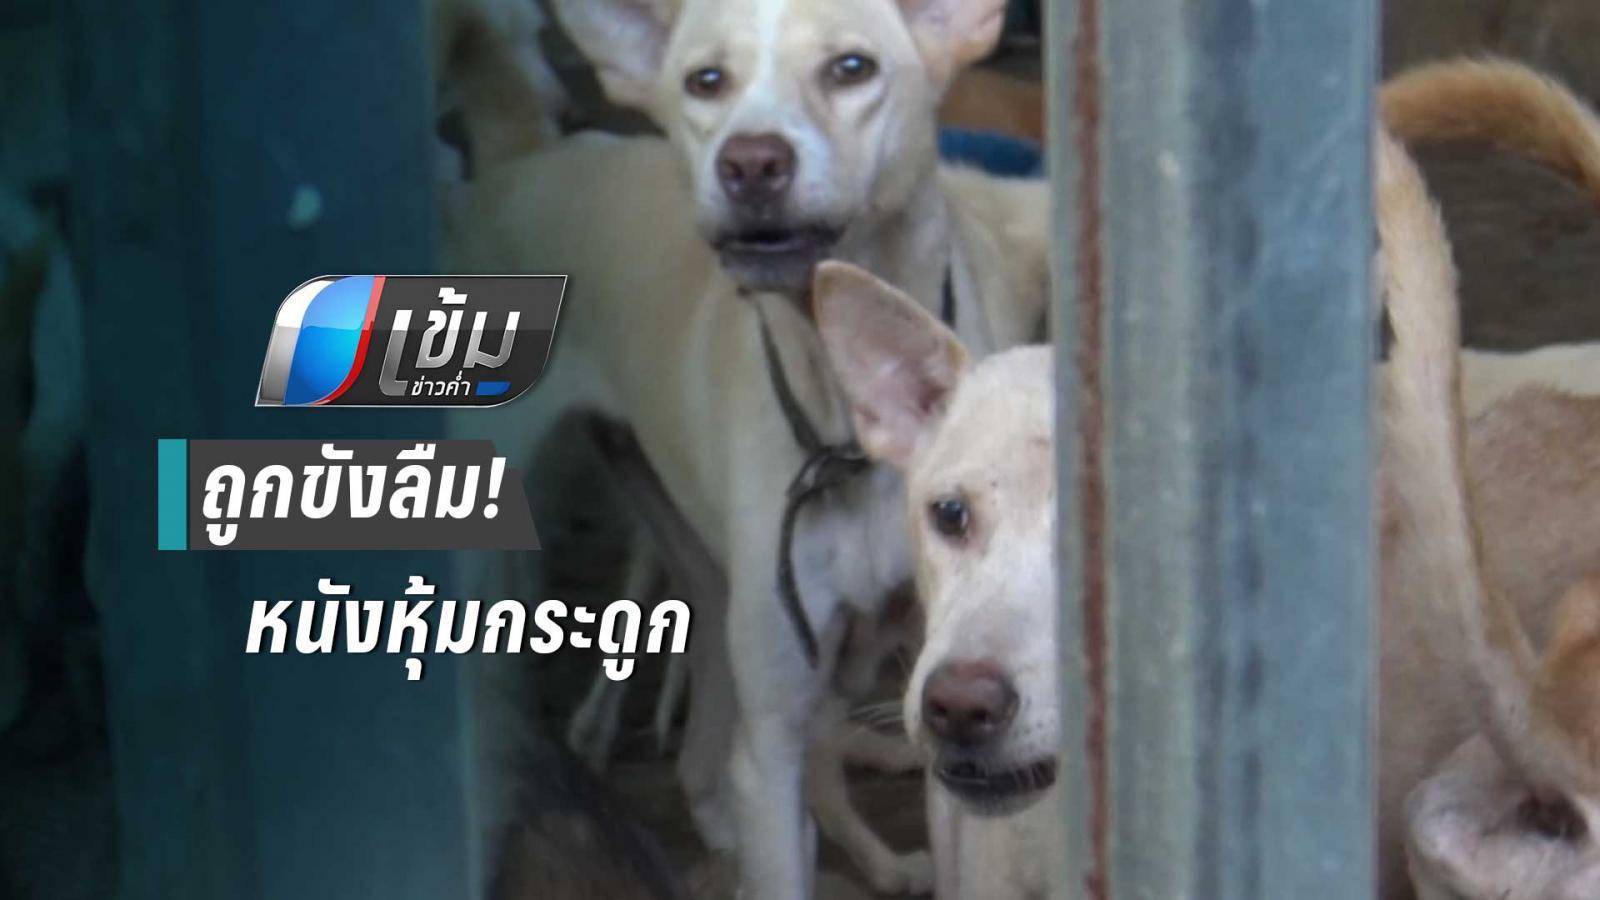 ร้องช่วยสุนัขกว่า 20 ตัว ถูกขังลืมในบ้าน สภาพผอมโซ-หนังหุ้มกระดูก